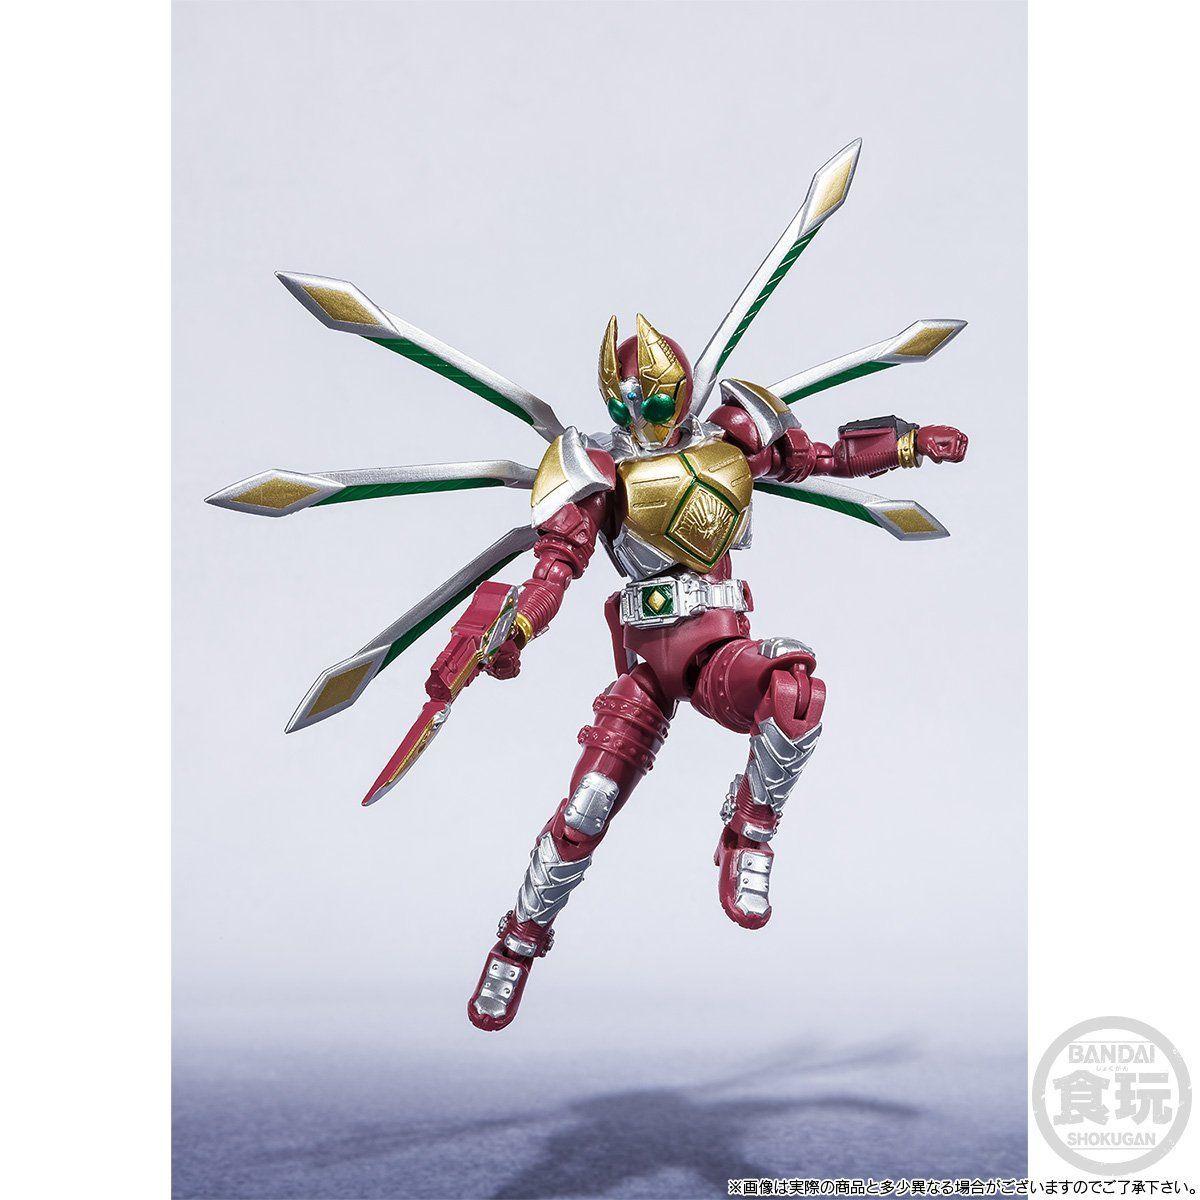 【限定販売】【食玩】SHODO-X『仮面ライダー剣 ジャックフォームセット』可動フィギュア-006